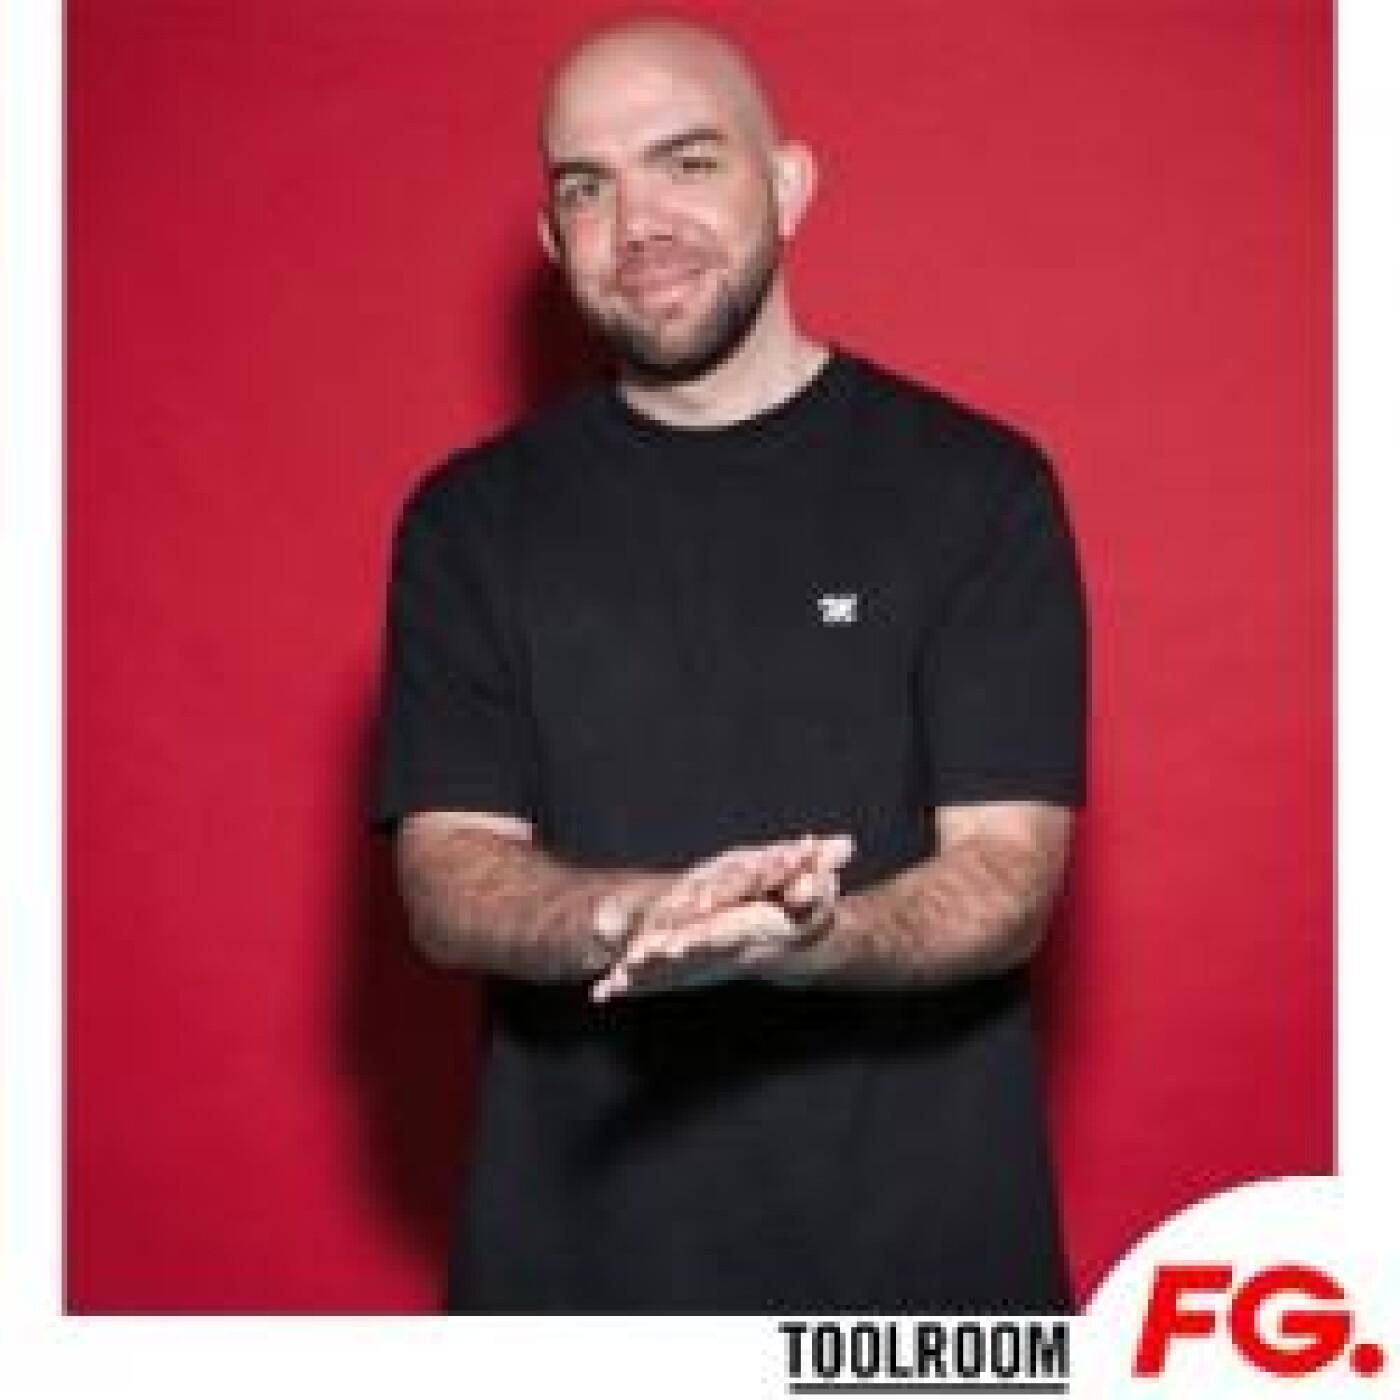 CLUB FG : DAVE TREACY